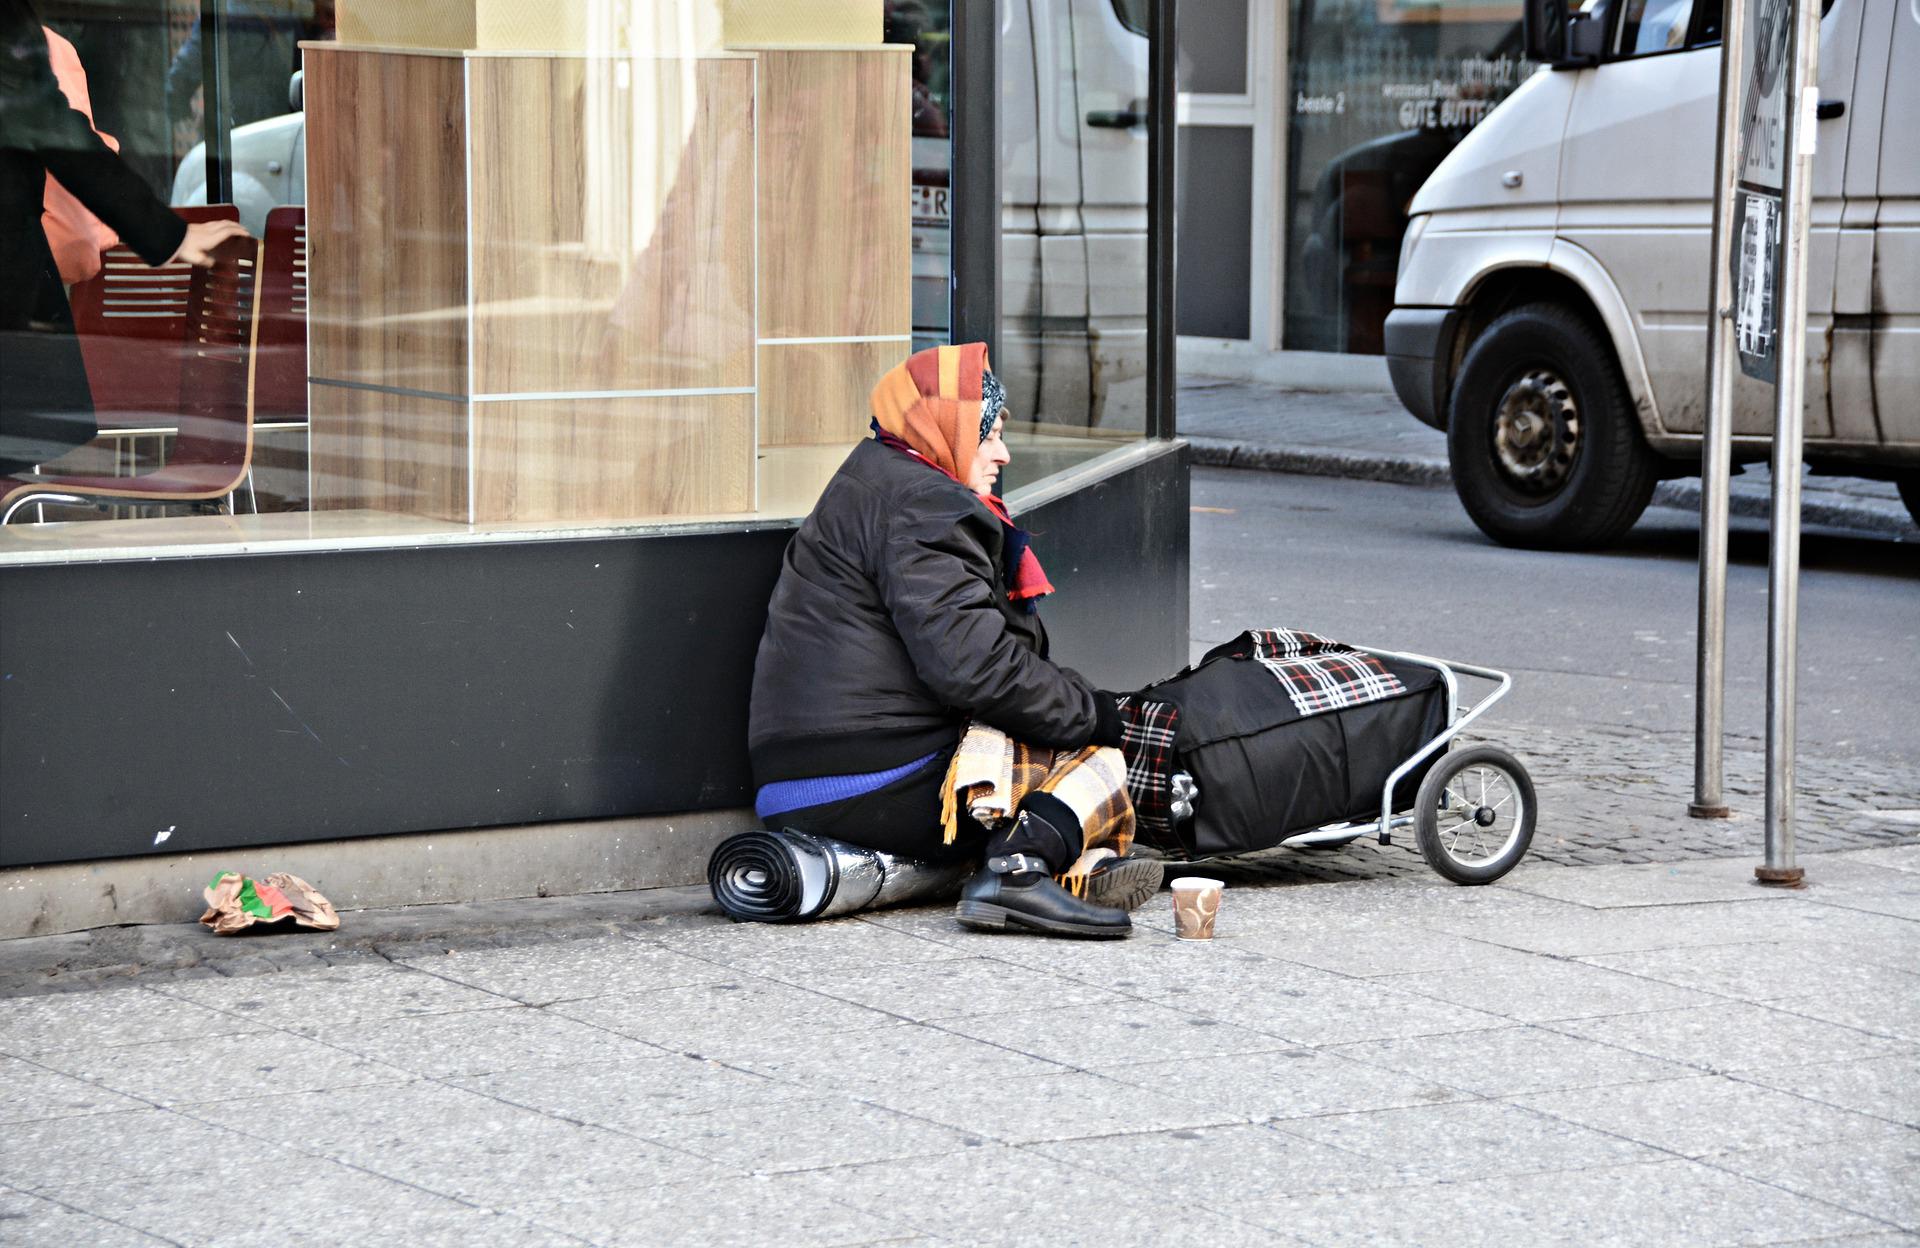 Desigualtat, pobresa i exclusió social